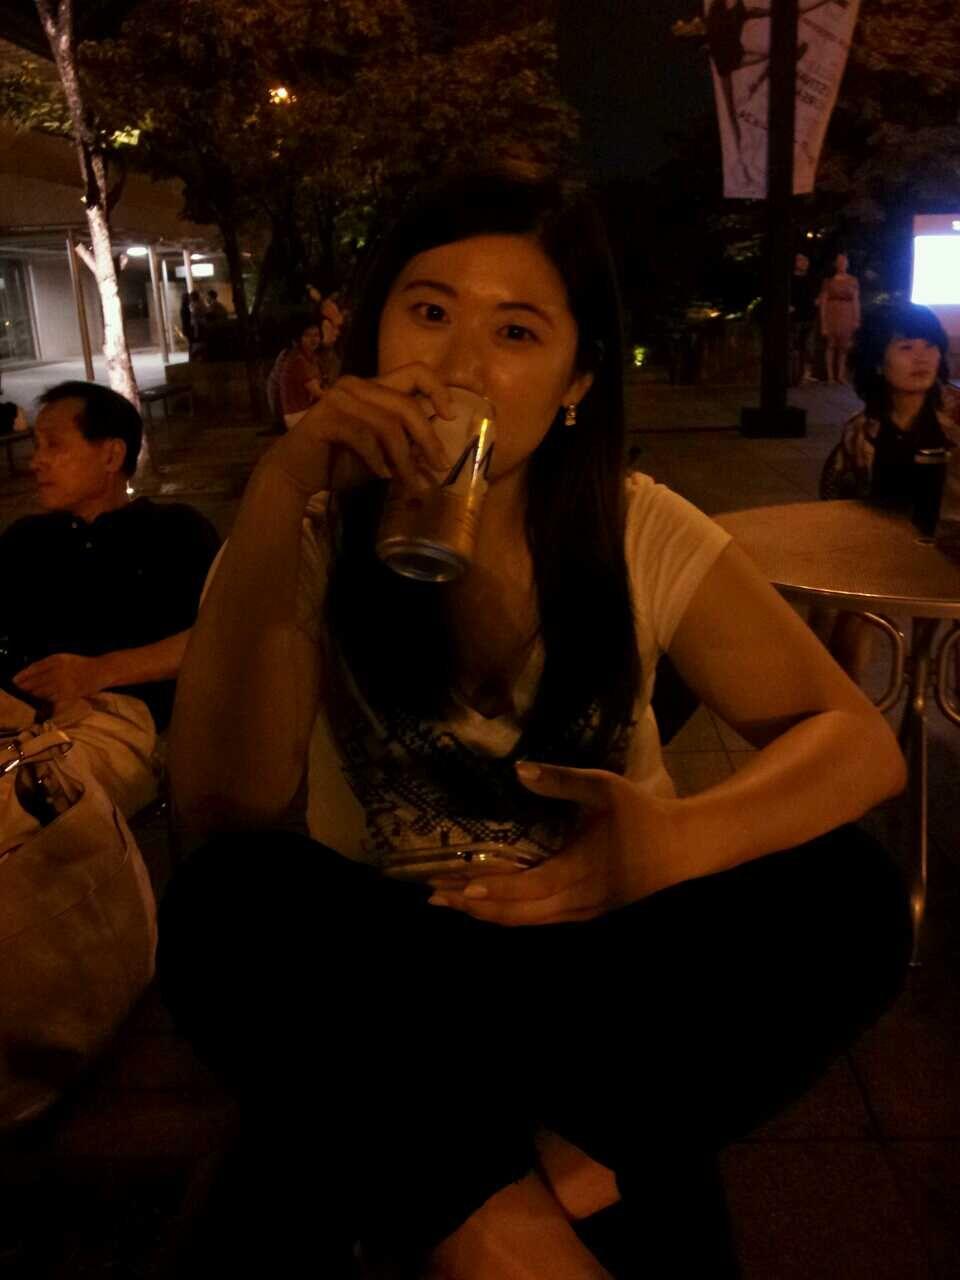 한여름밤의 맥주한캔 in 예술의 전당    크흐~~~~~~~~~~~~~~~~~~~~~~~